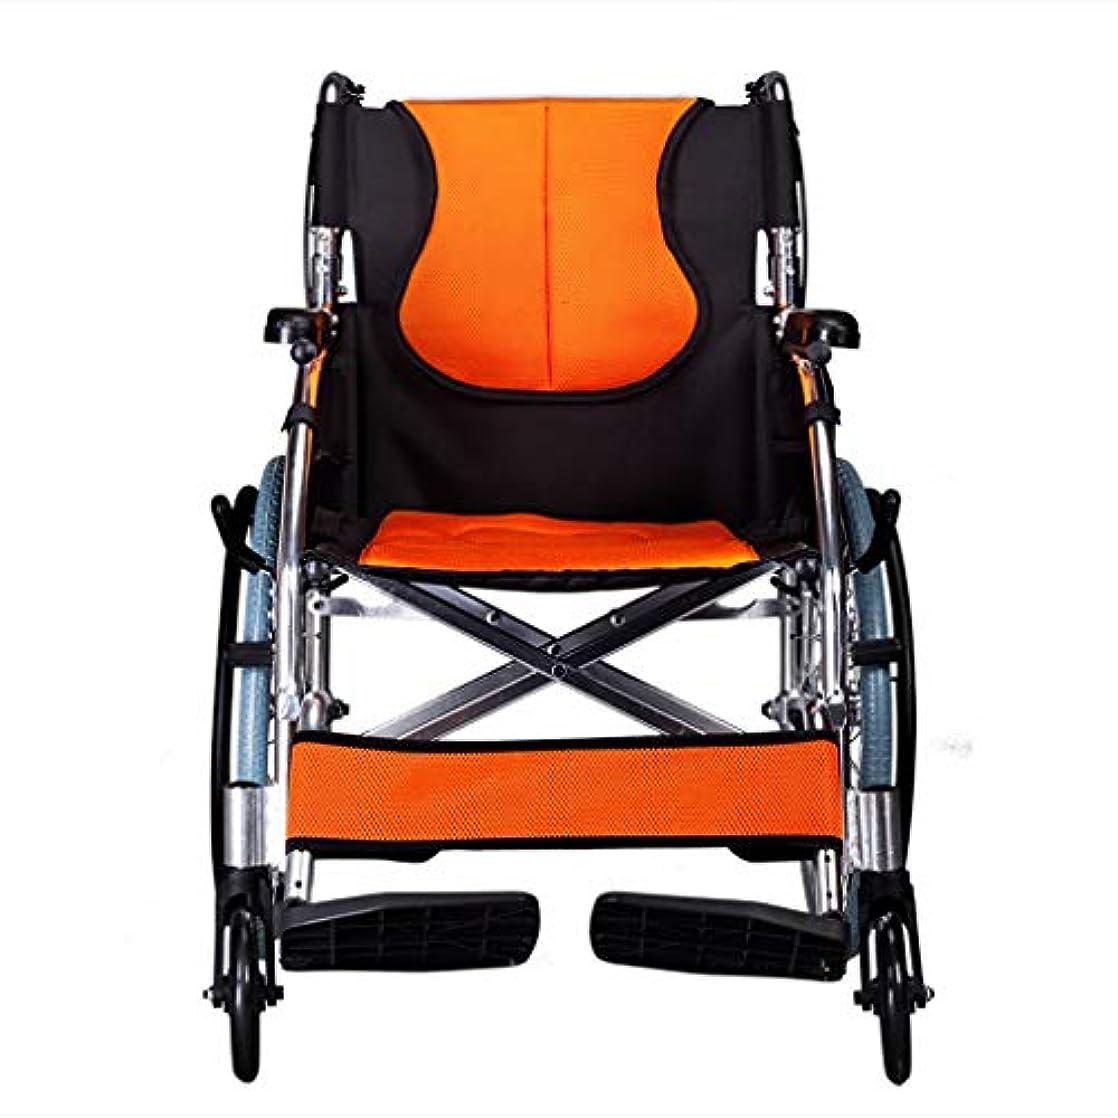 天才プレーヤーシングル車椅子で折り畳むことができる車椅子、バック収納バッグのデザイン、屋外旅行多機能ハンドプッシュ折りたたみ車椅子